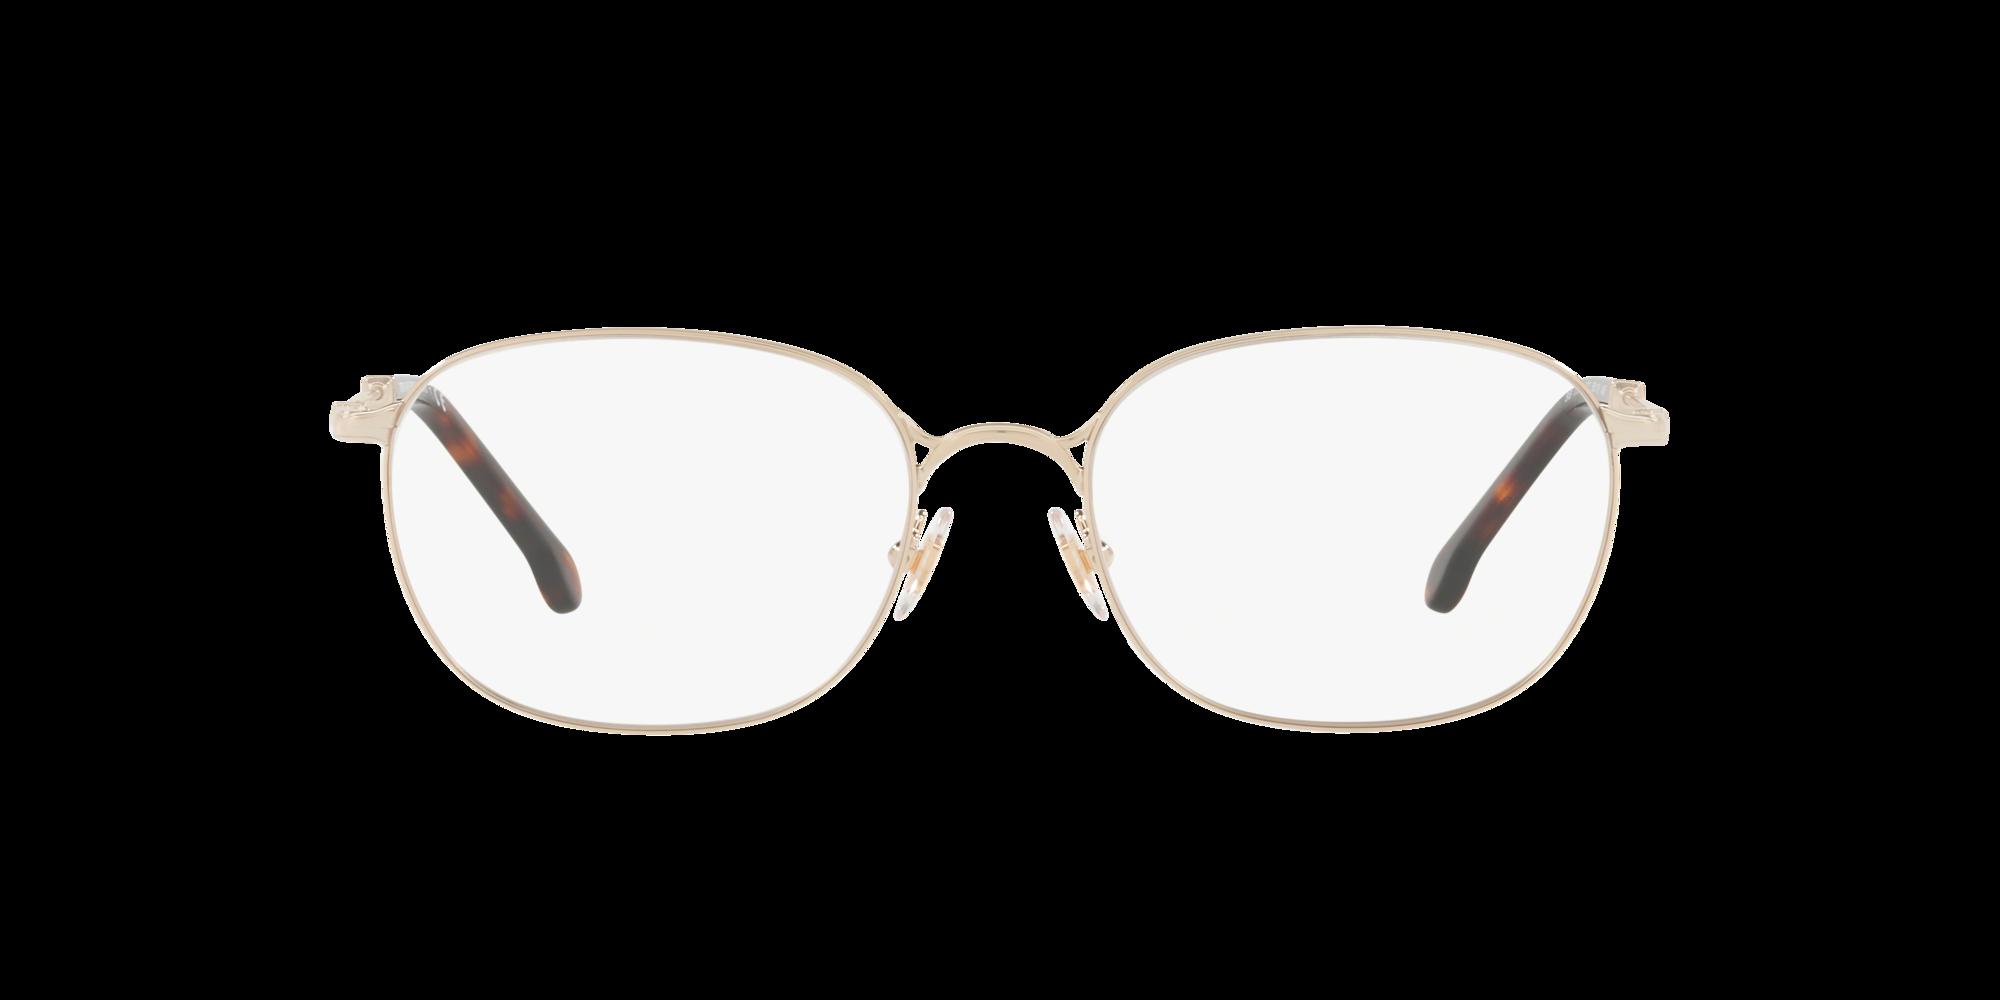 Imagen para BB1064 de LensCrafters    Espejuelos, espejuelos graduados en línea, gafas